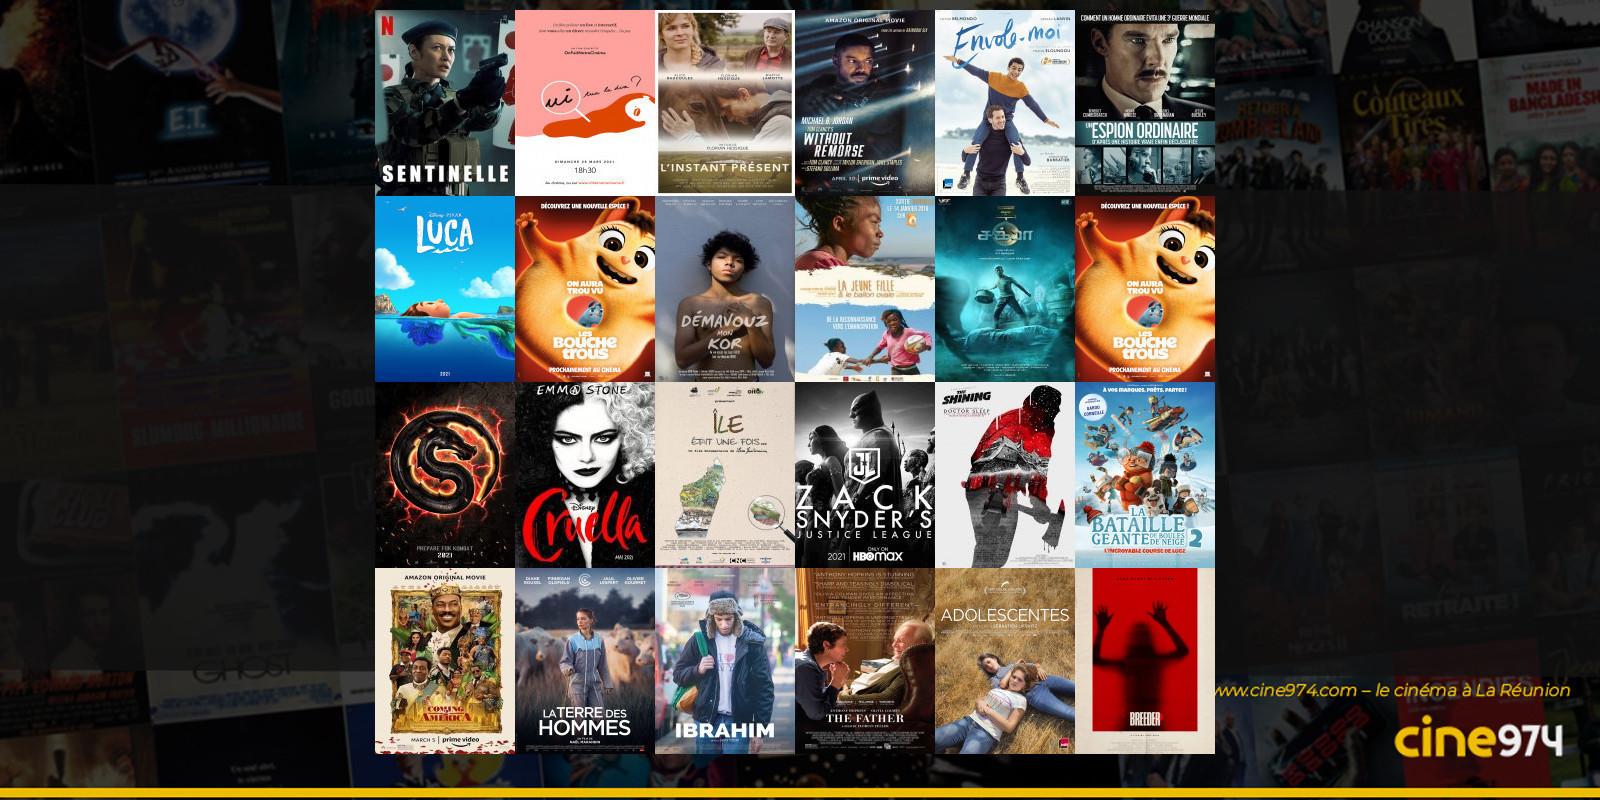 cine974 2021-03-09-bandesannonces